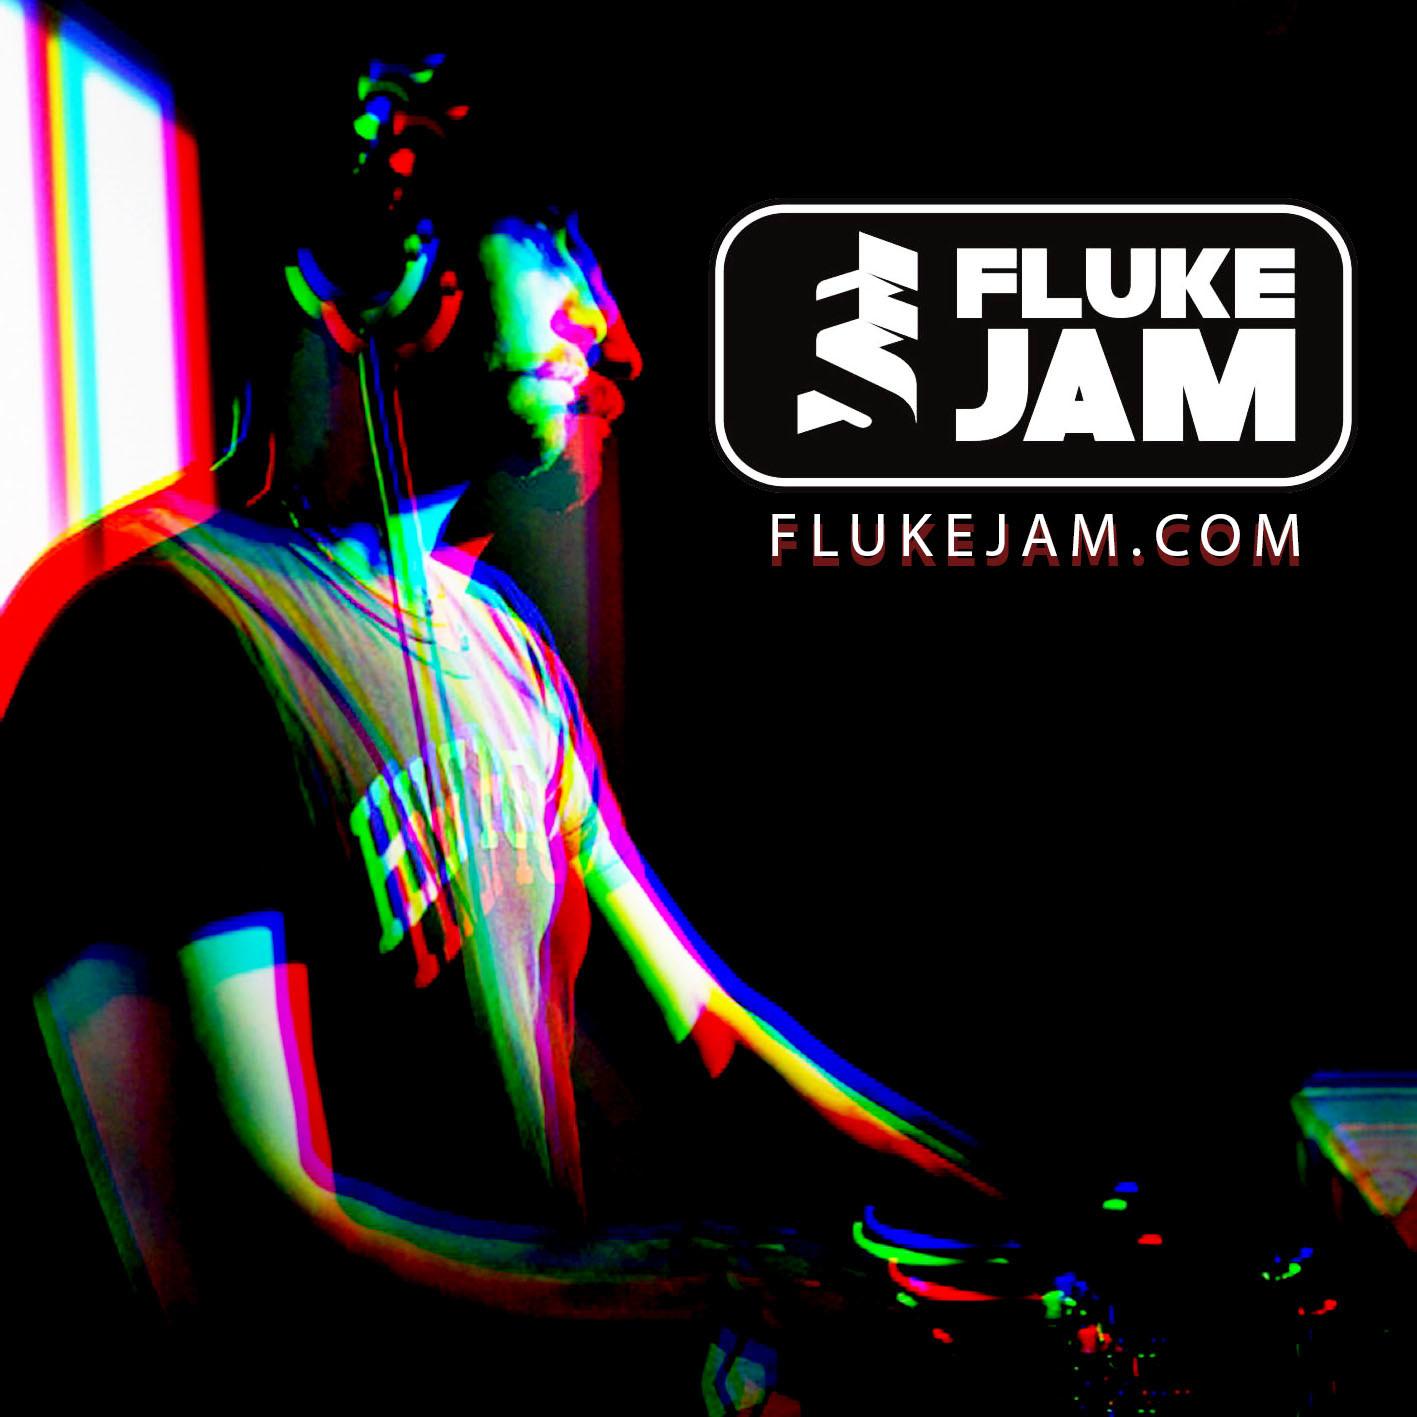 FLUKE JAM